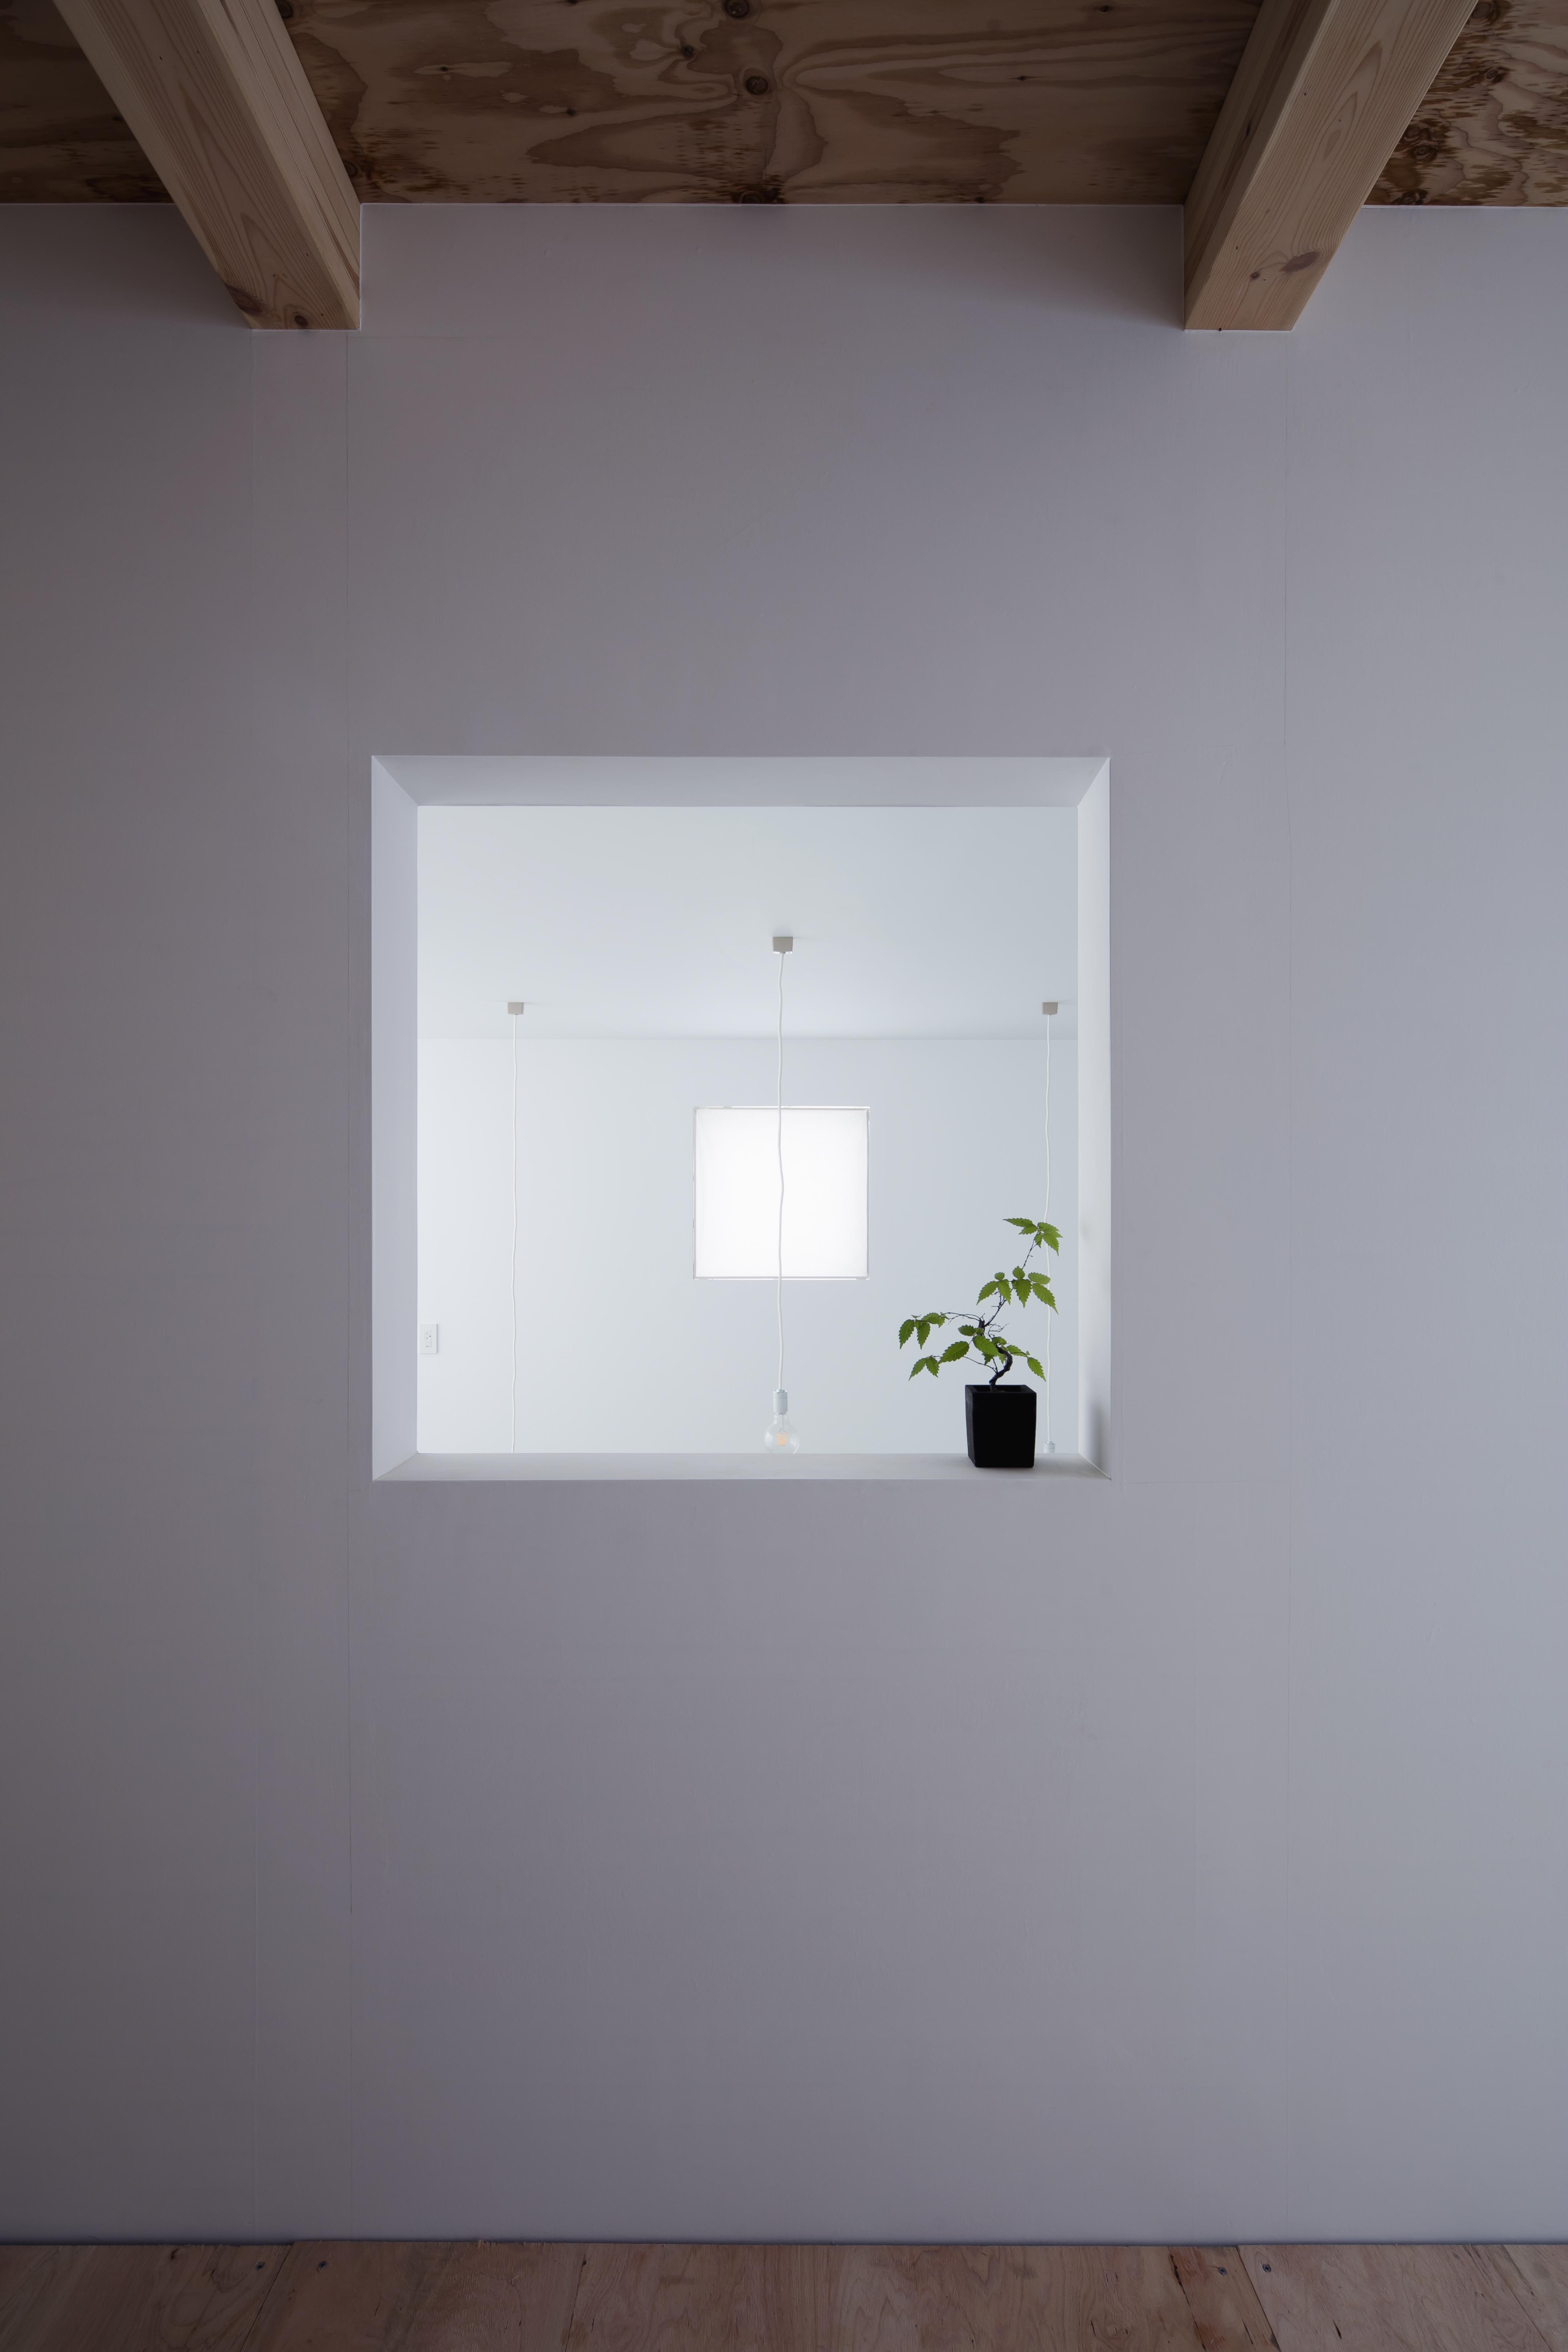 Loft-Shoji Screen